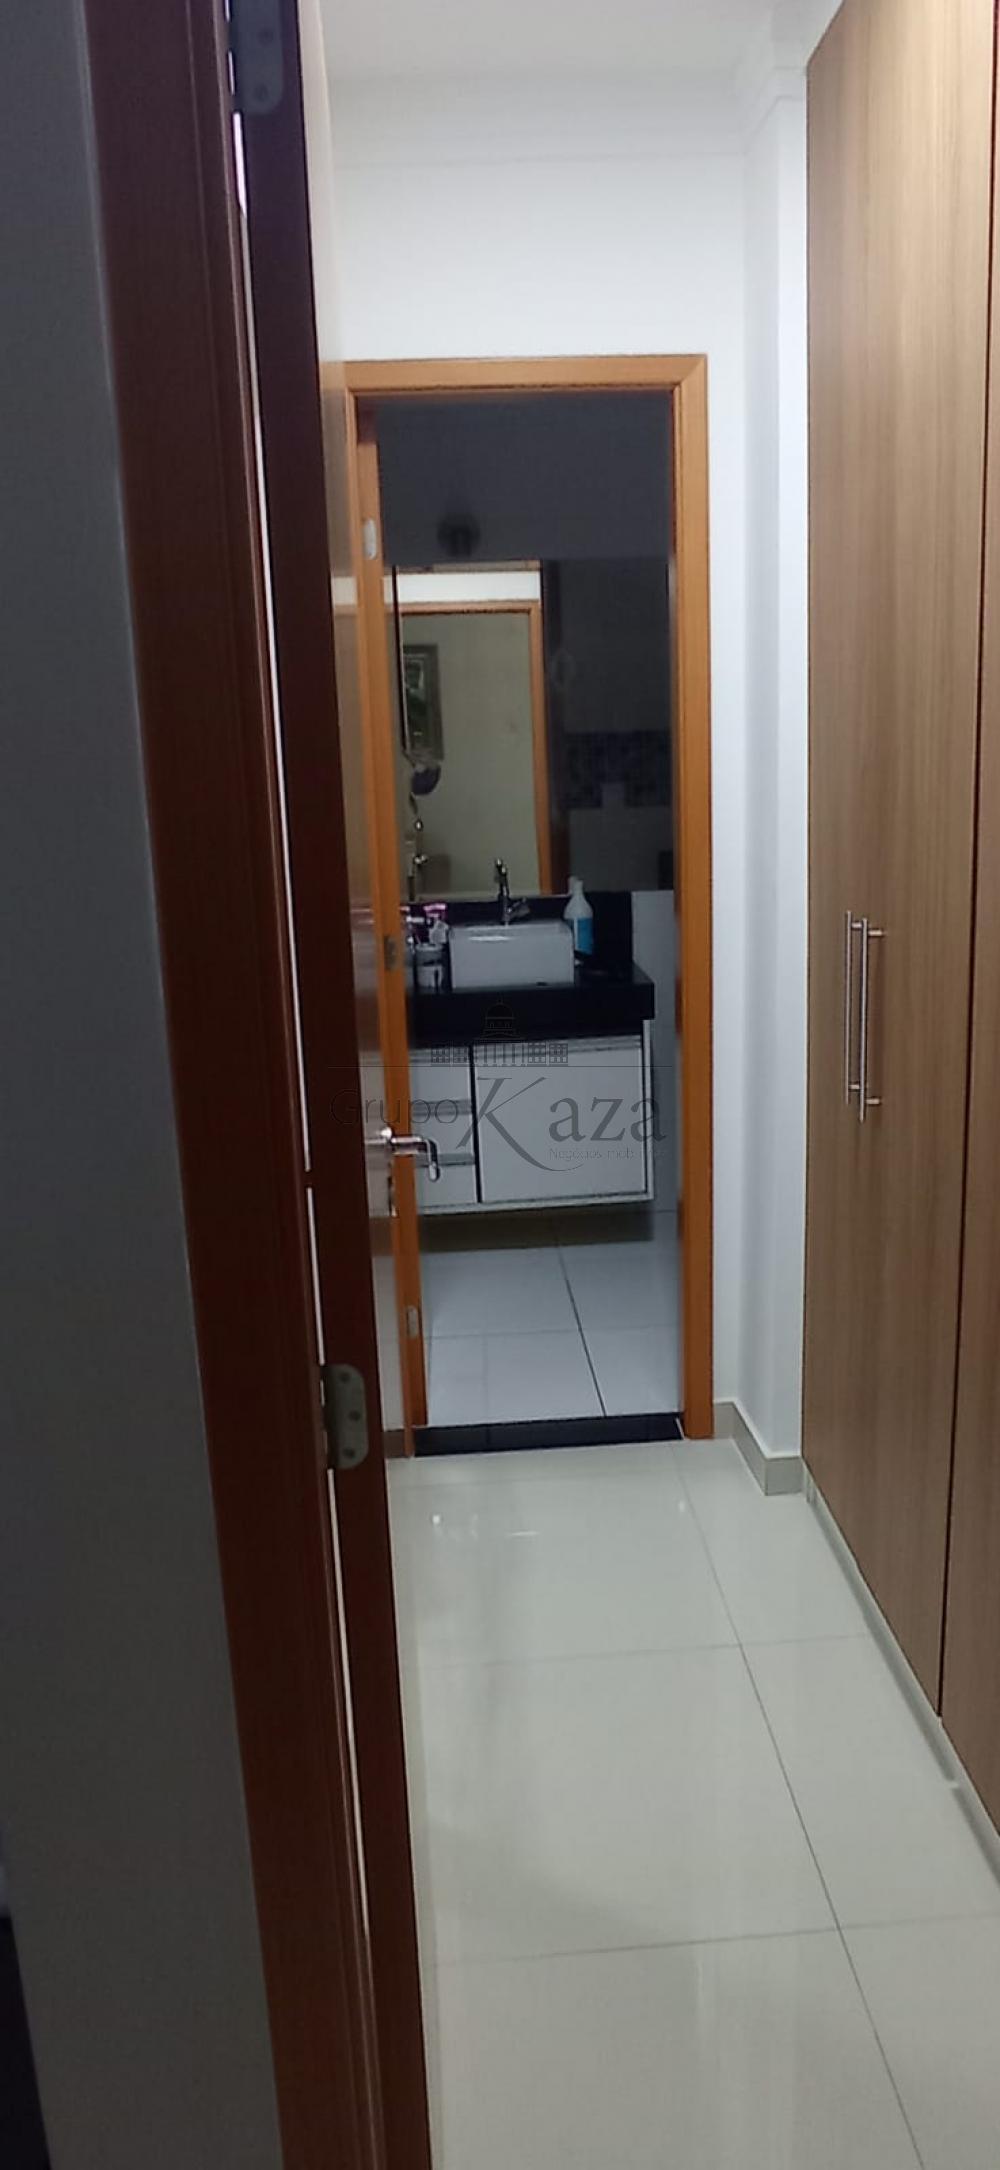 alt='Comprar Apartamento / Padrão em São José dos Campos R$ 480.000,00 - Foto 5' title='Comprar Apartamento / Padrão em São José dos Campos R$ 480.000,00 - Foto 5'